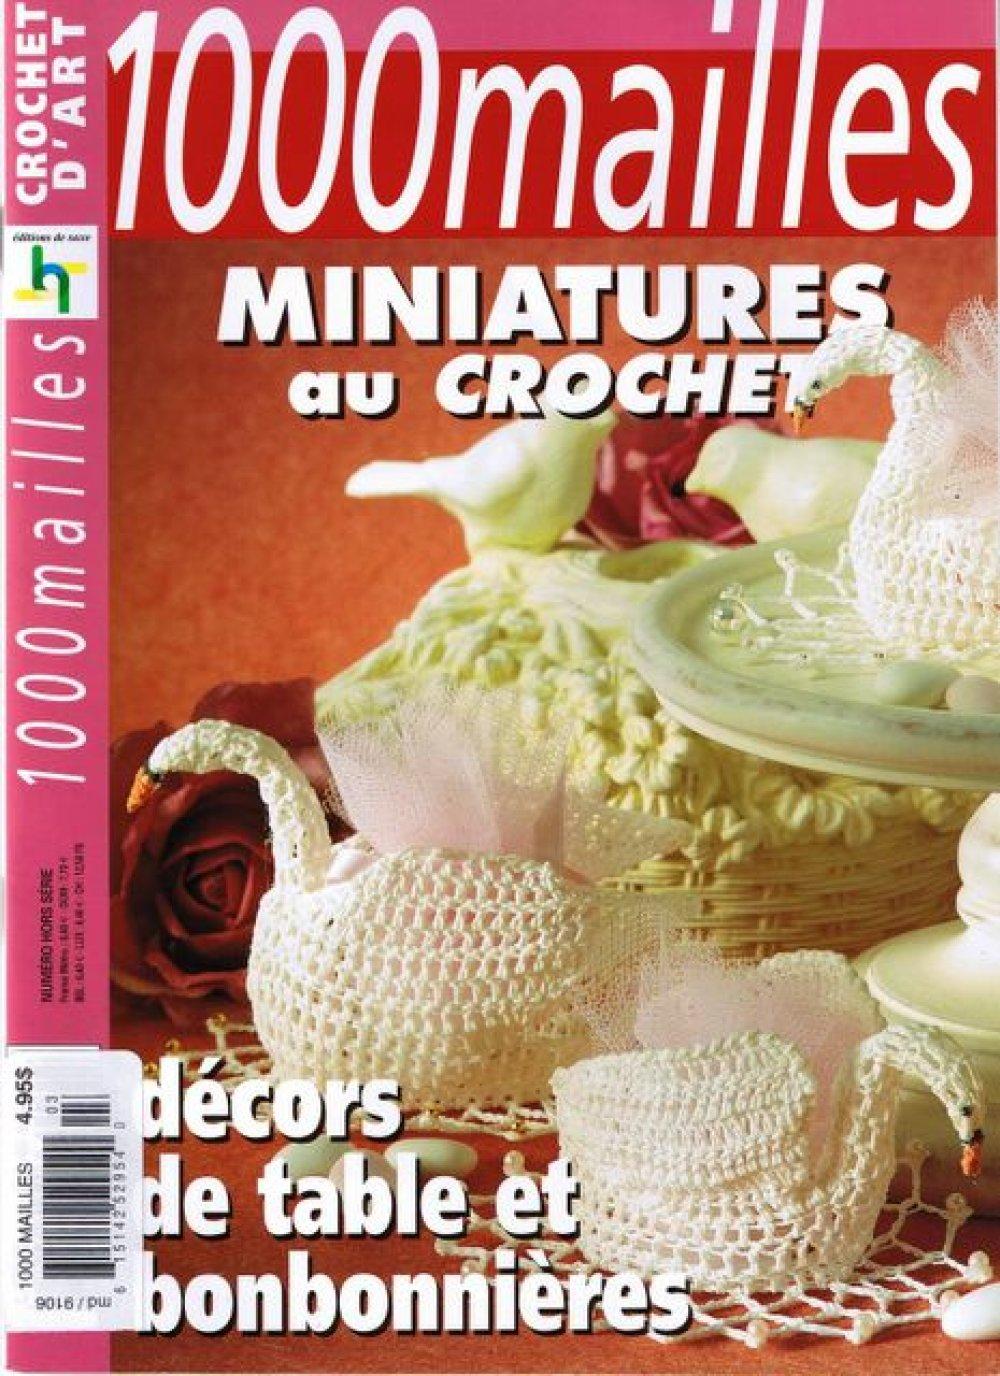 Magazine vintage ans 70 1000 mailles en format pdf